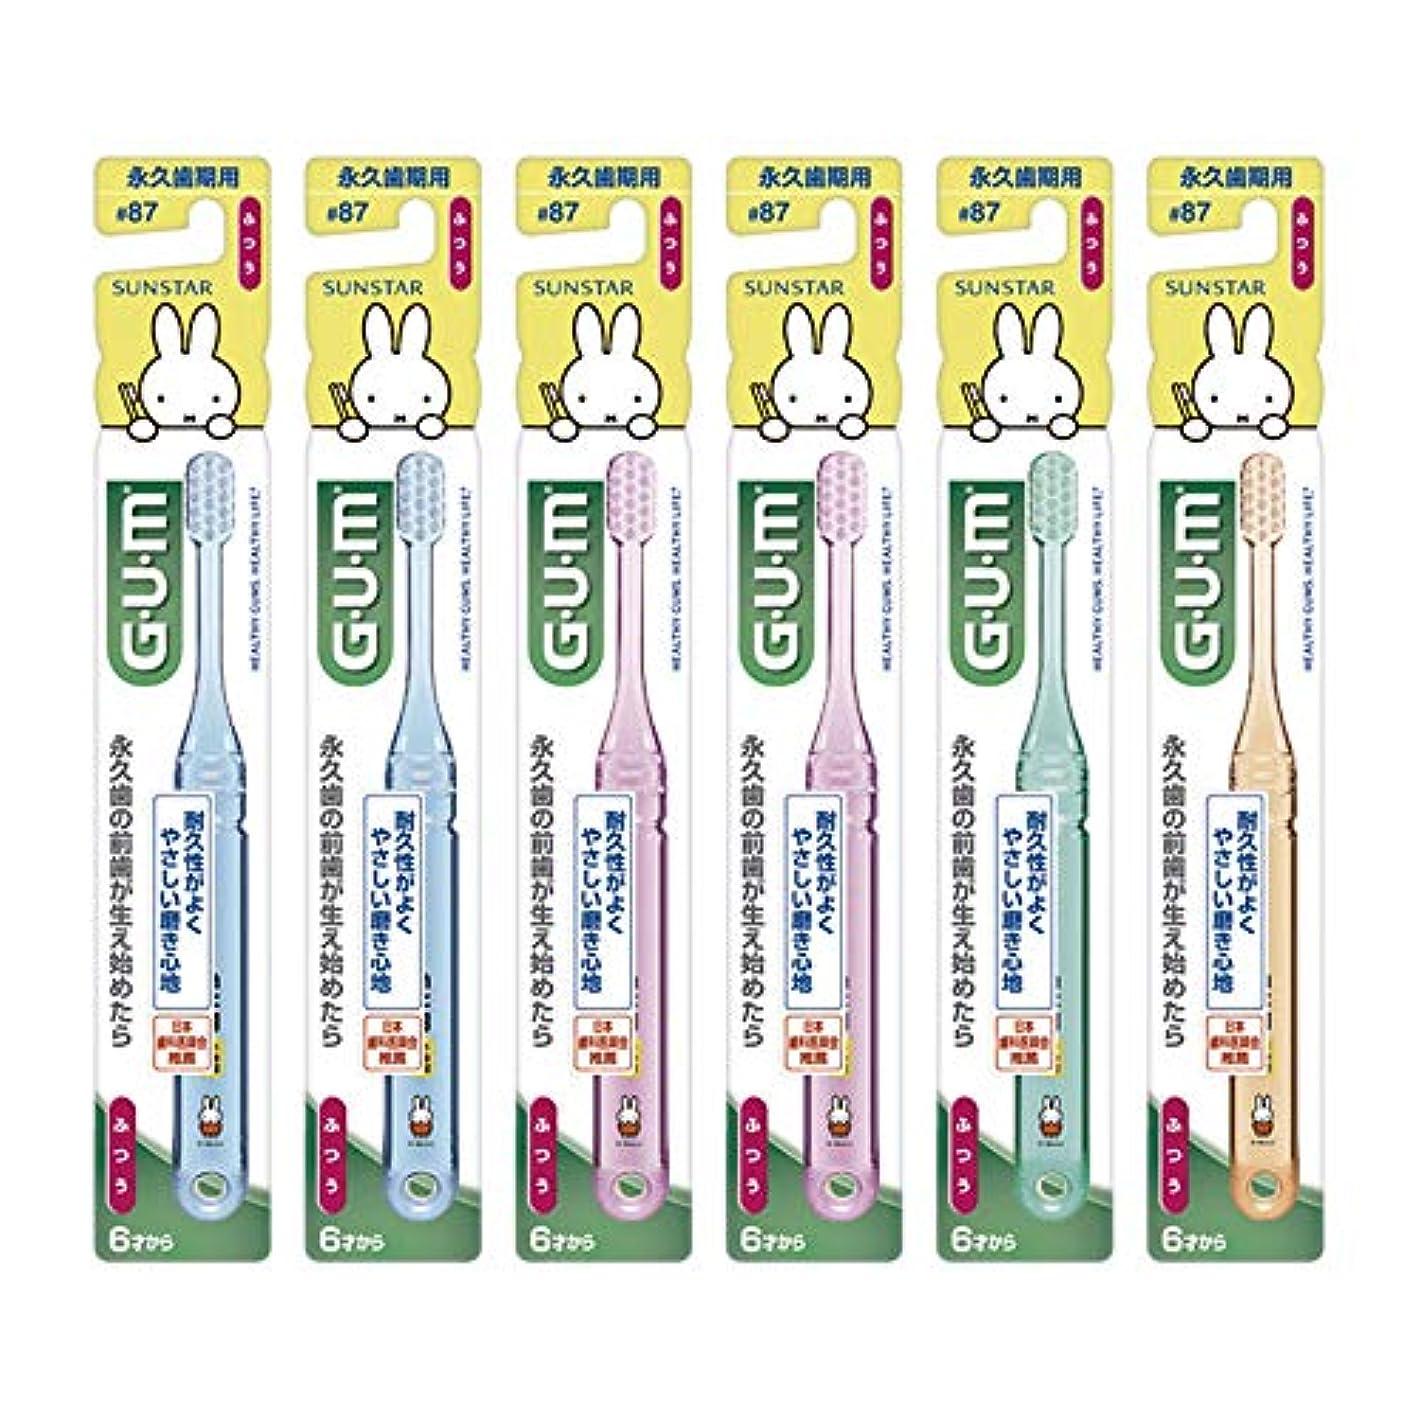 アート信頼性のある古いGUM(ガム) デンタル こども 歯ブラシ #87 [永久歯期用/ふつう] 6本パック+ おまけつき【Amazon.co.jp限定】